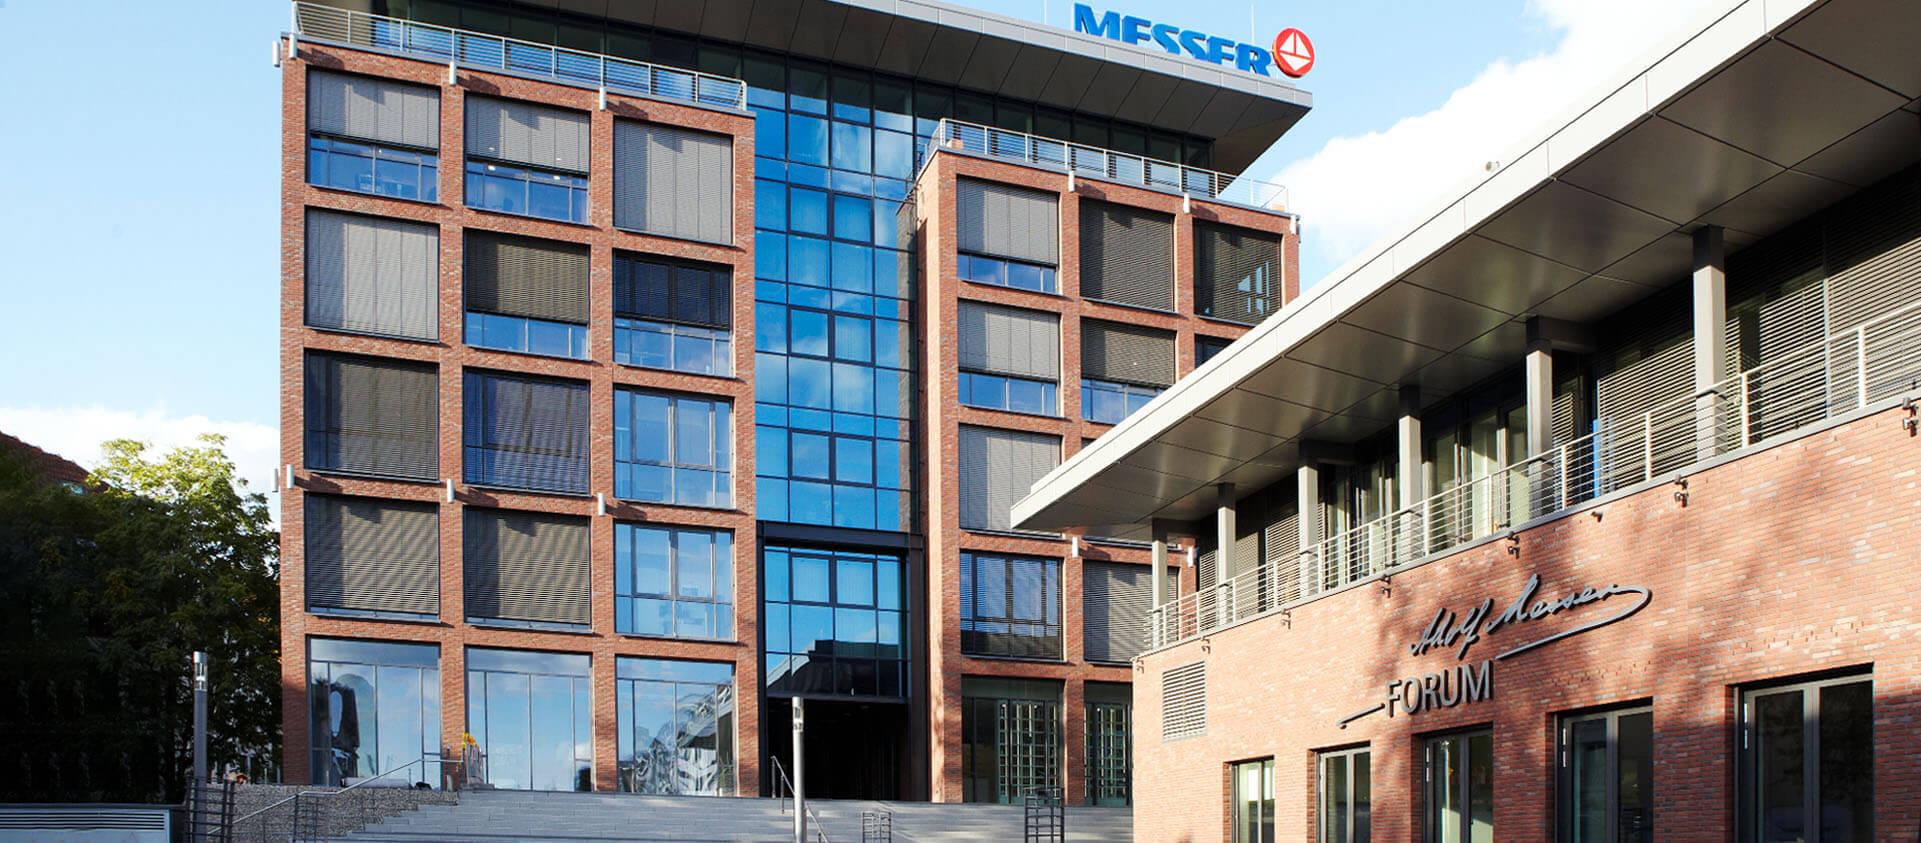 Ansicht Backsteingebäude Messergroup und Eventcenter - Architektur Eberhard Horn Designgruppe